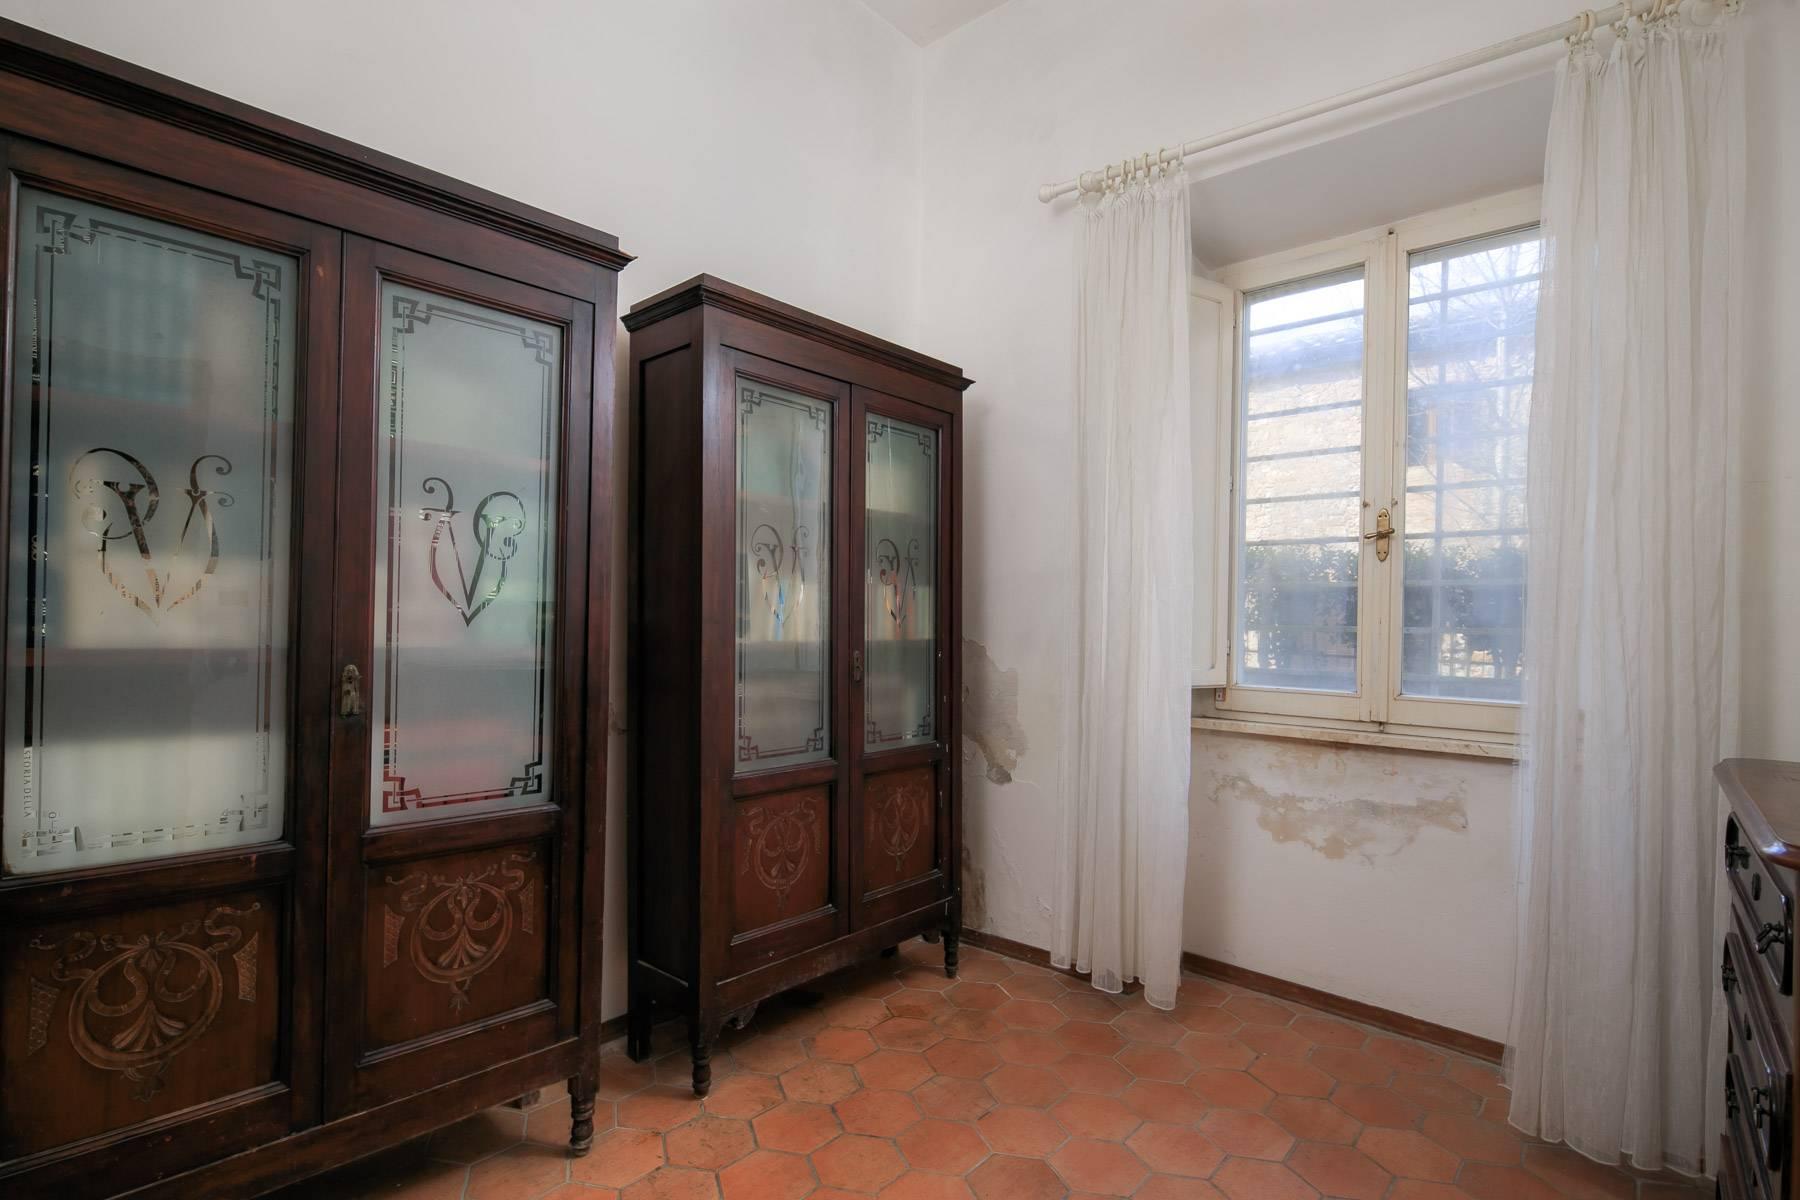 Prächtige historische Villa mit neoklassizistischer Kapelle und Park - 15